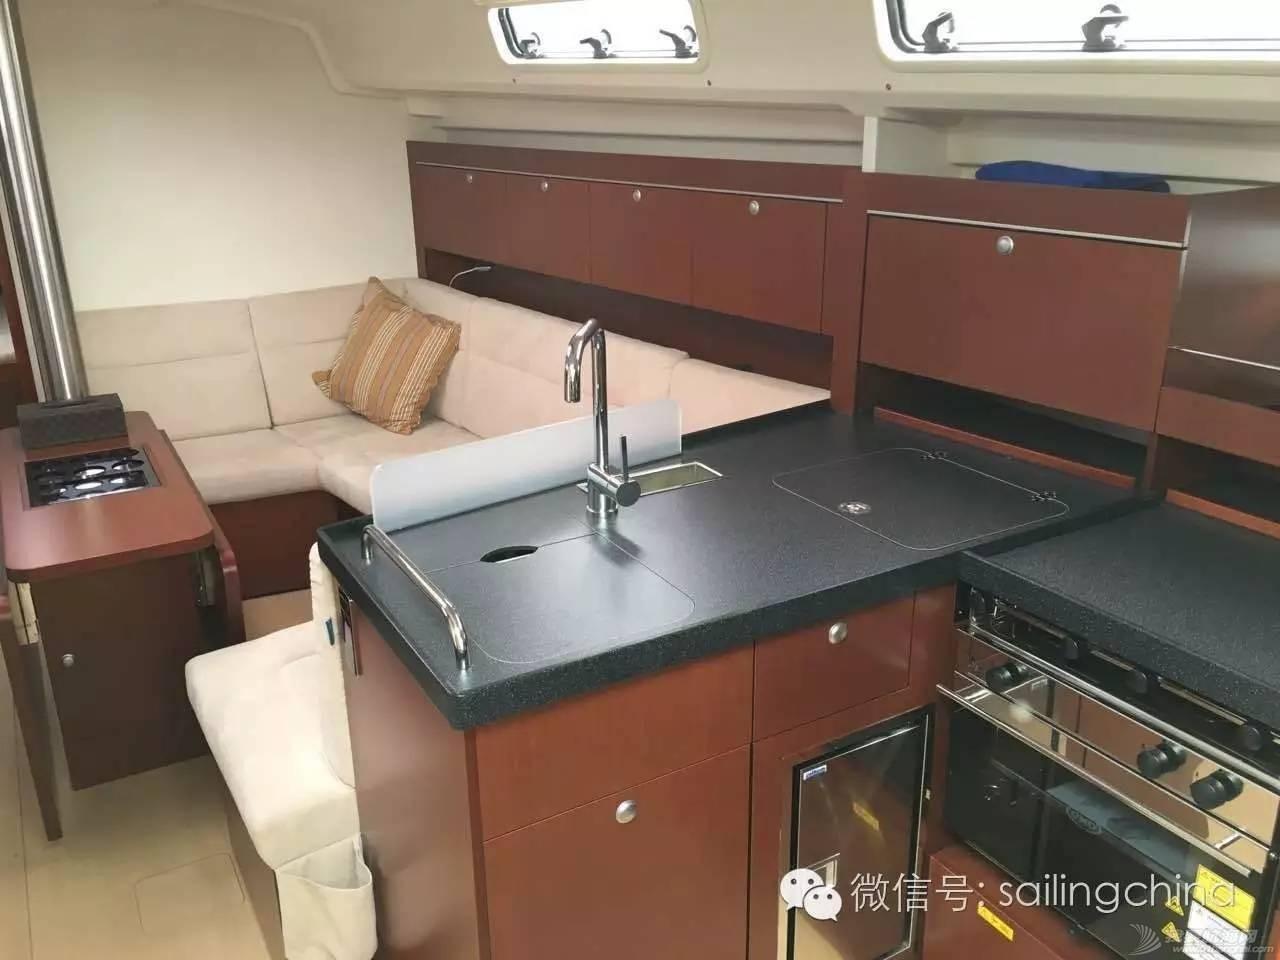 德国汉斯帆船H415 现船销售 a0939935dcf2a0c93504415ed5535f1a.jpg